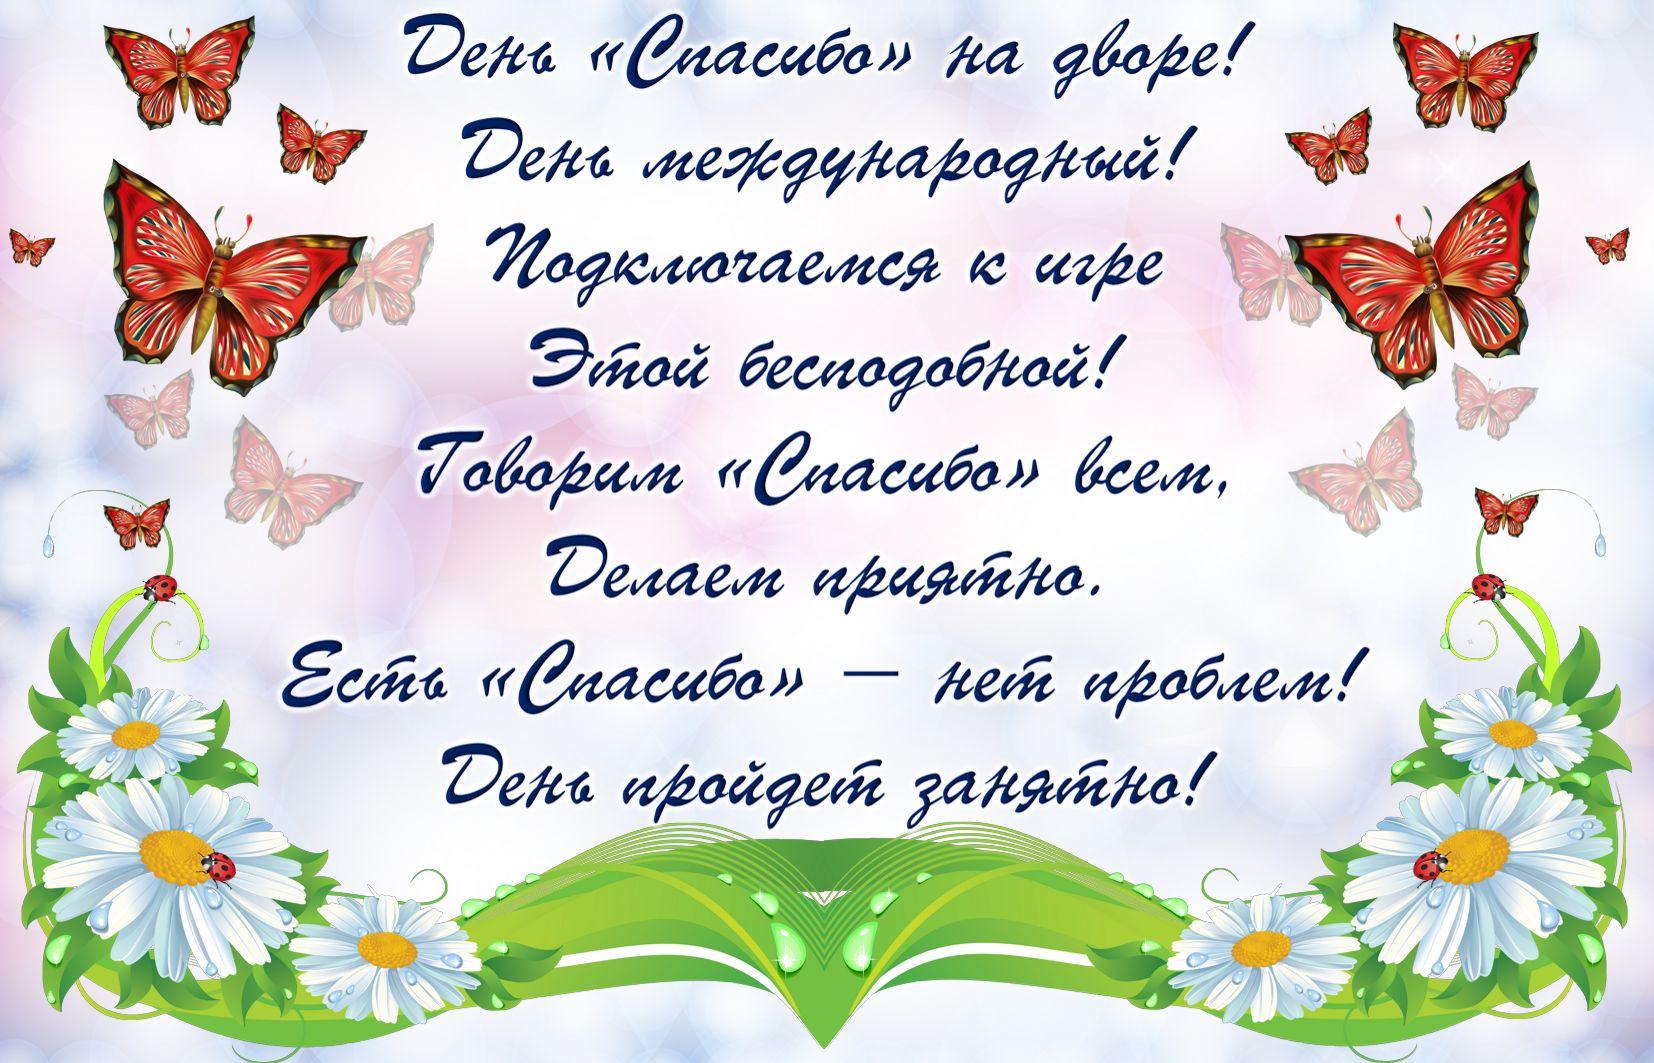 Открытка на Международный день спасибо - красивое пожелание в окружении бабочек